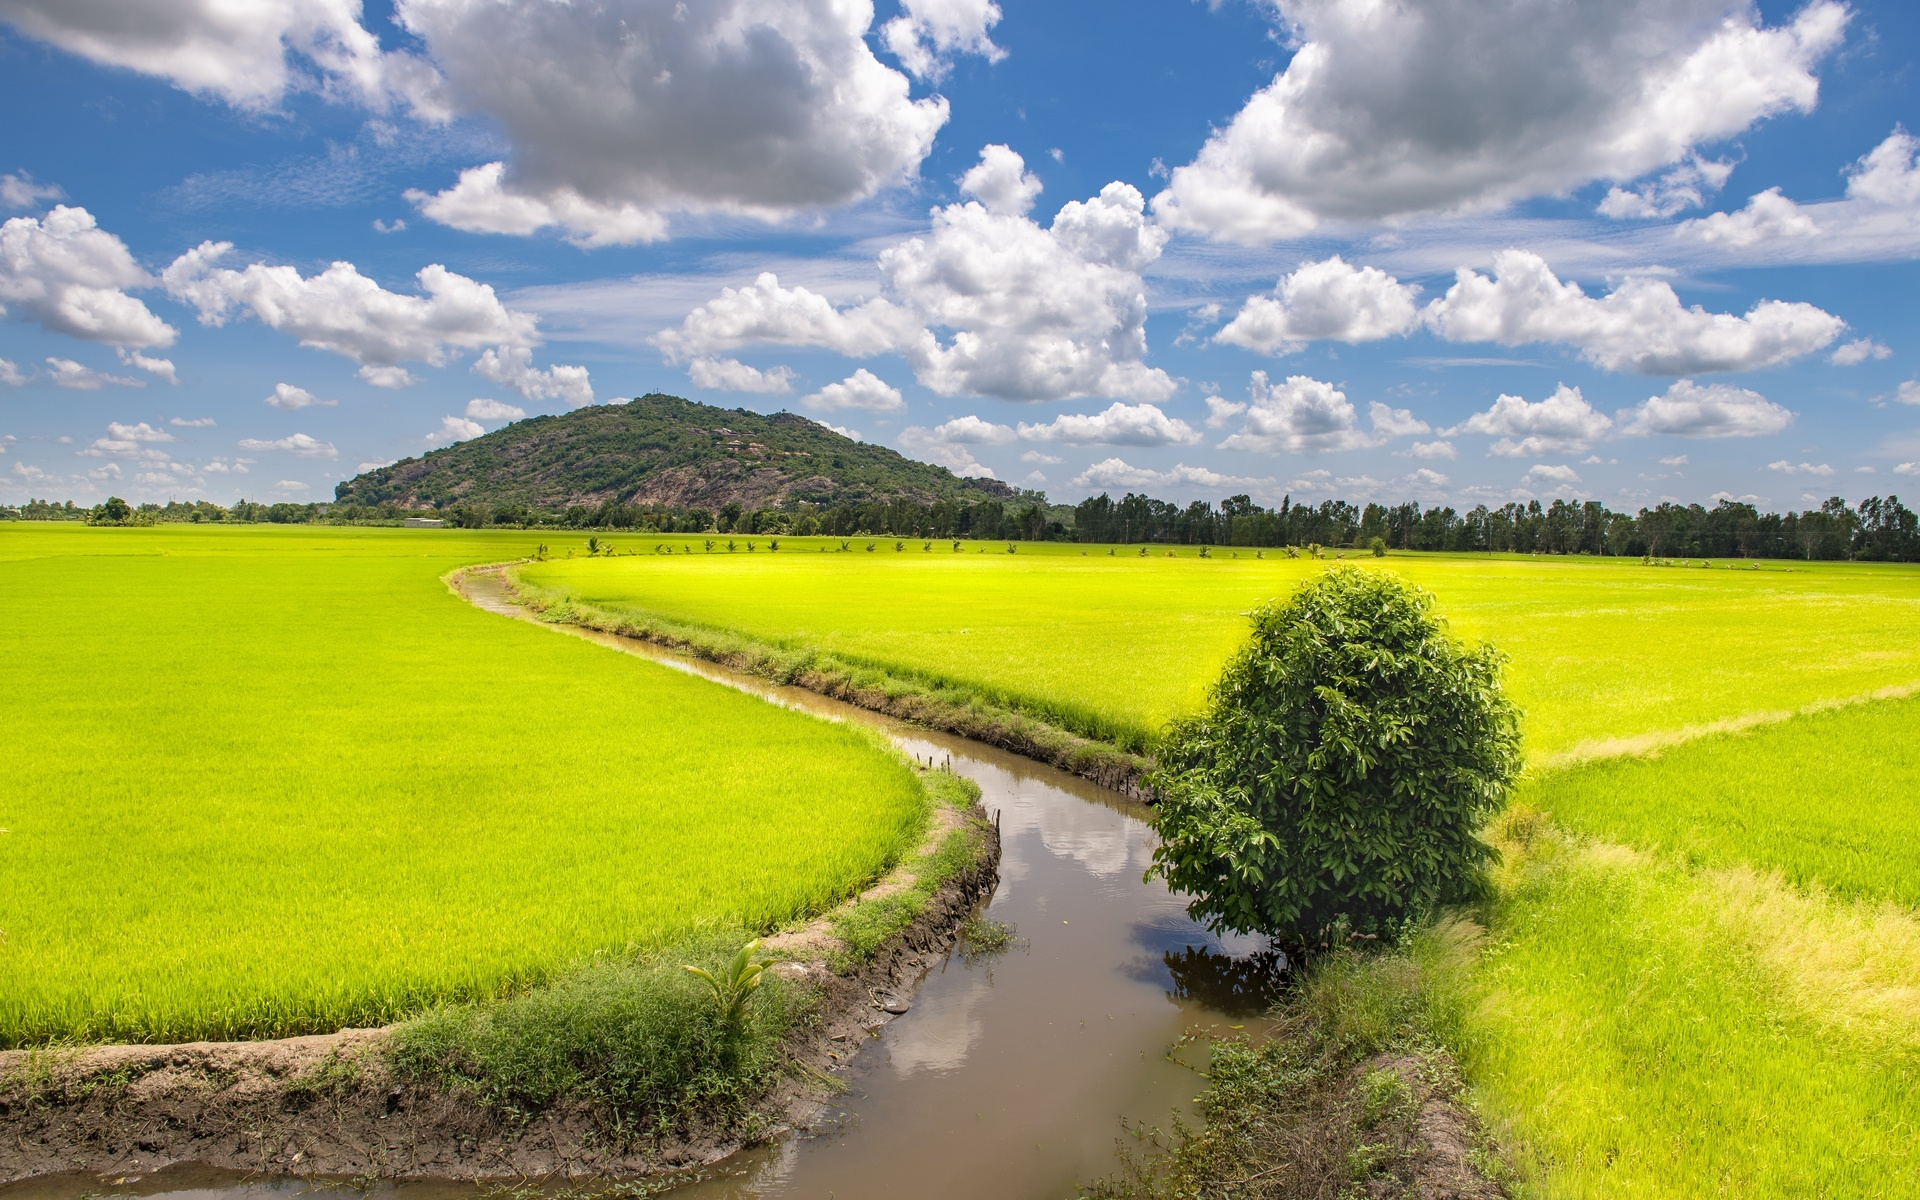 вьетнам, поля, trung khanh, district, cao bang, province, водный канал, облака, природа